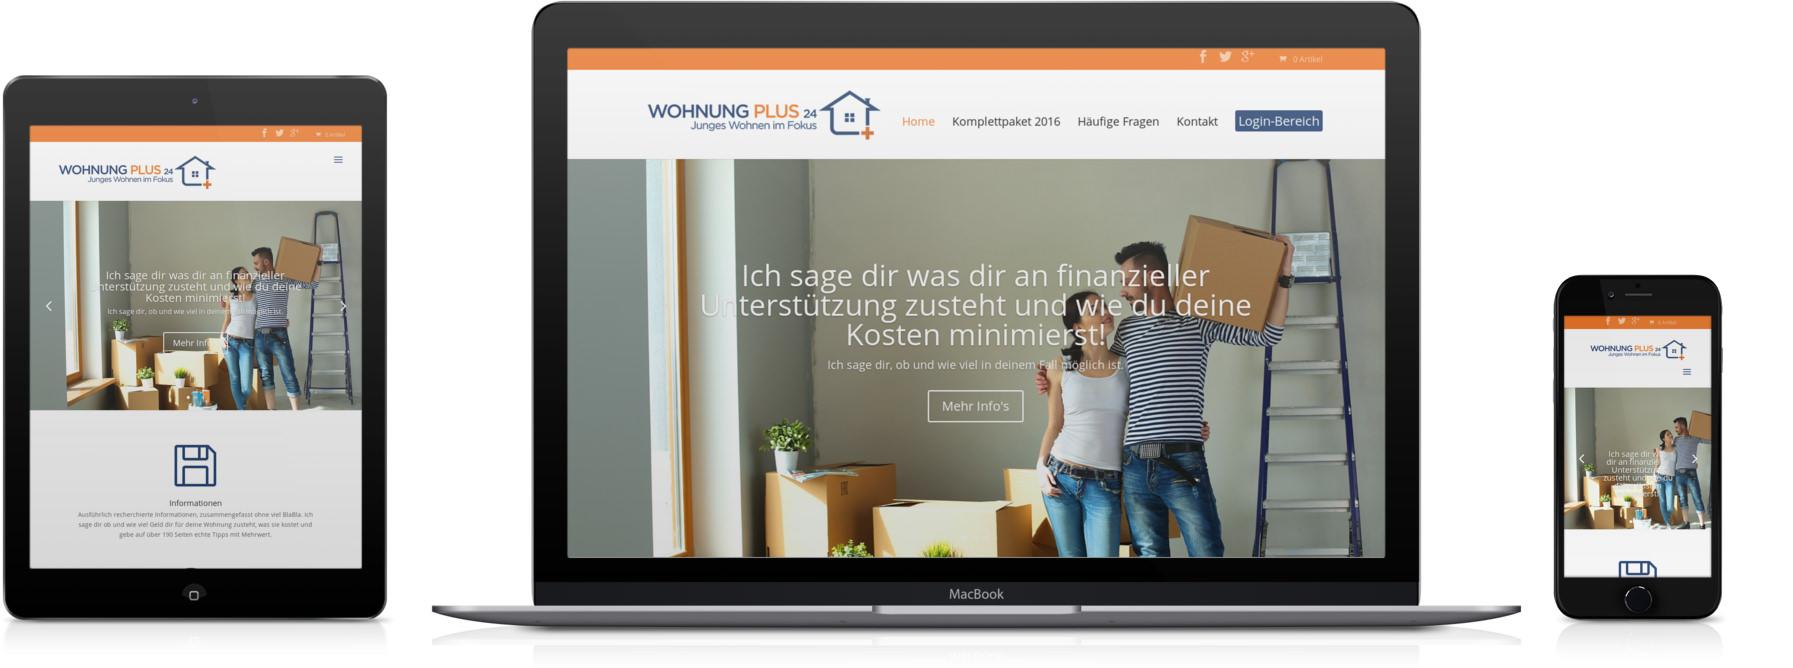 Wohnungpus24.de, geöffnet auf einem Tablet, einem Macbook und auf einem iPhone